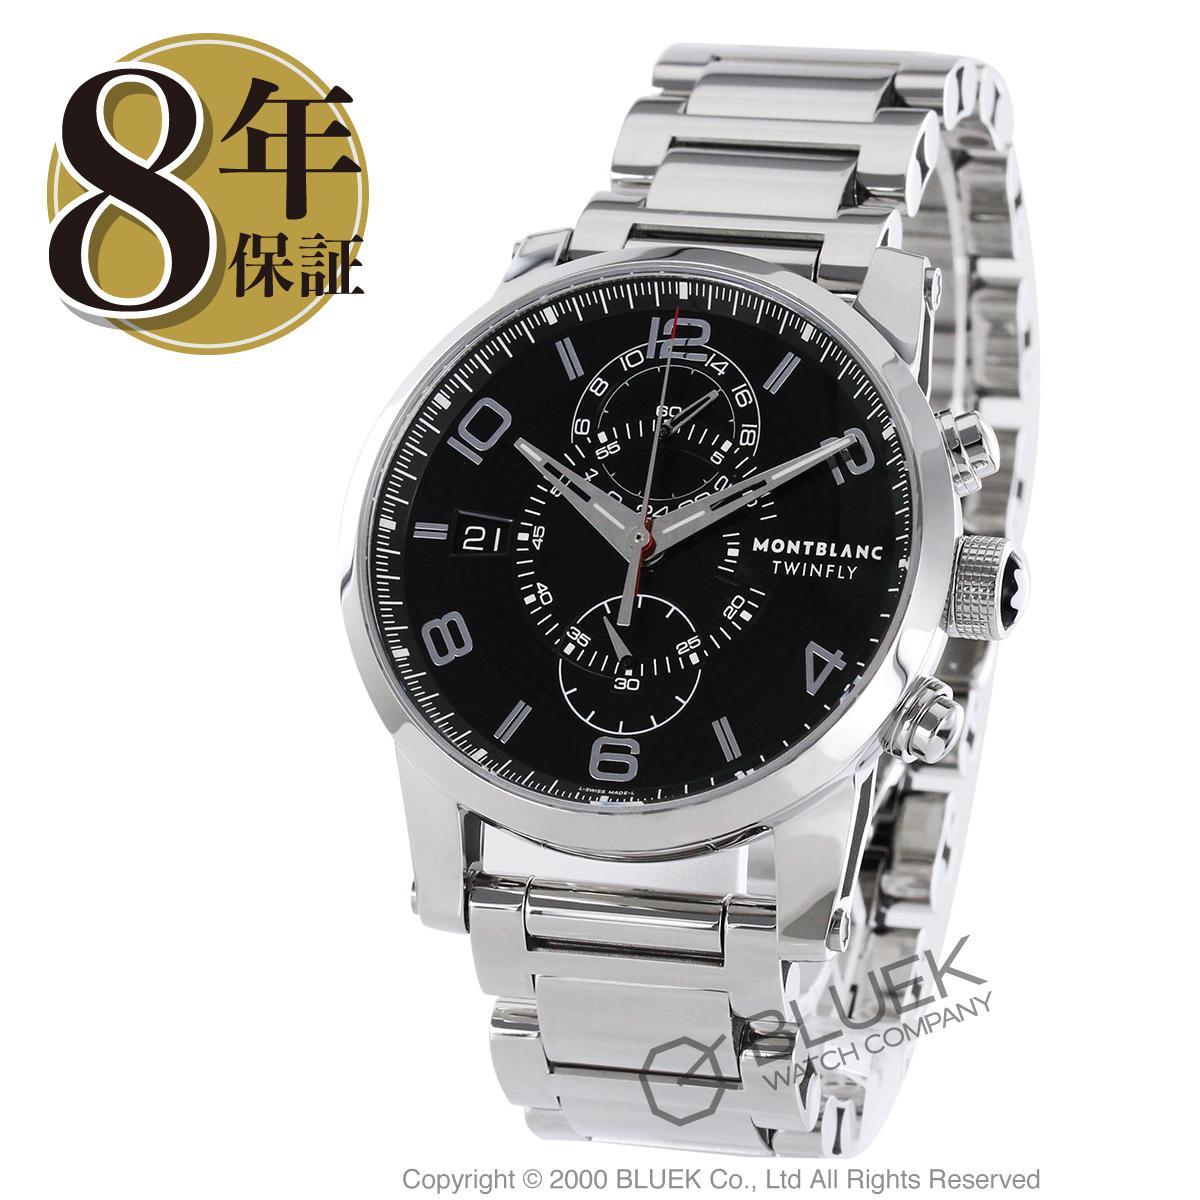 モンブラン タイムウォーカー ツインフライ クロノグラフ 腕時計 メンズ MONTBLANC 104286_8 バーゲン 成人祝い ギフト プレゼント